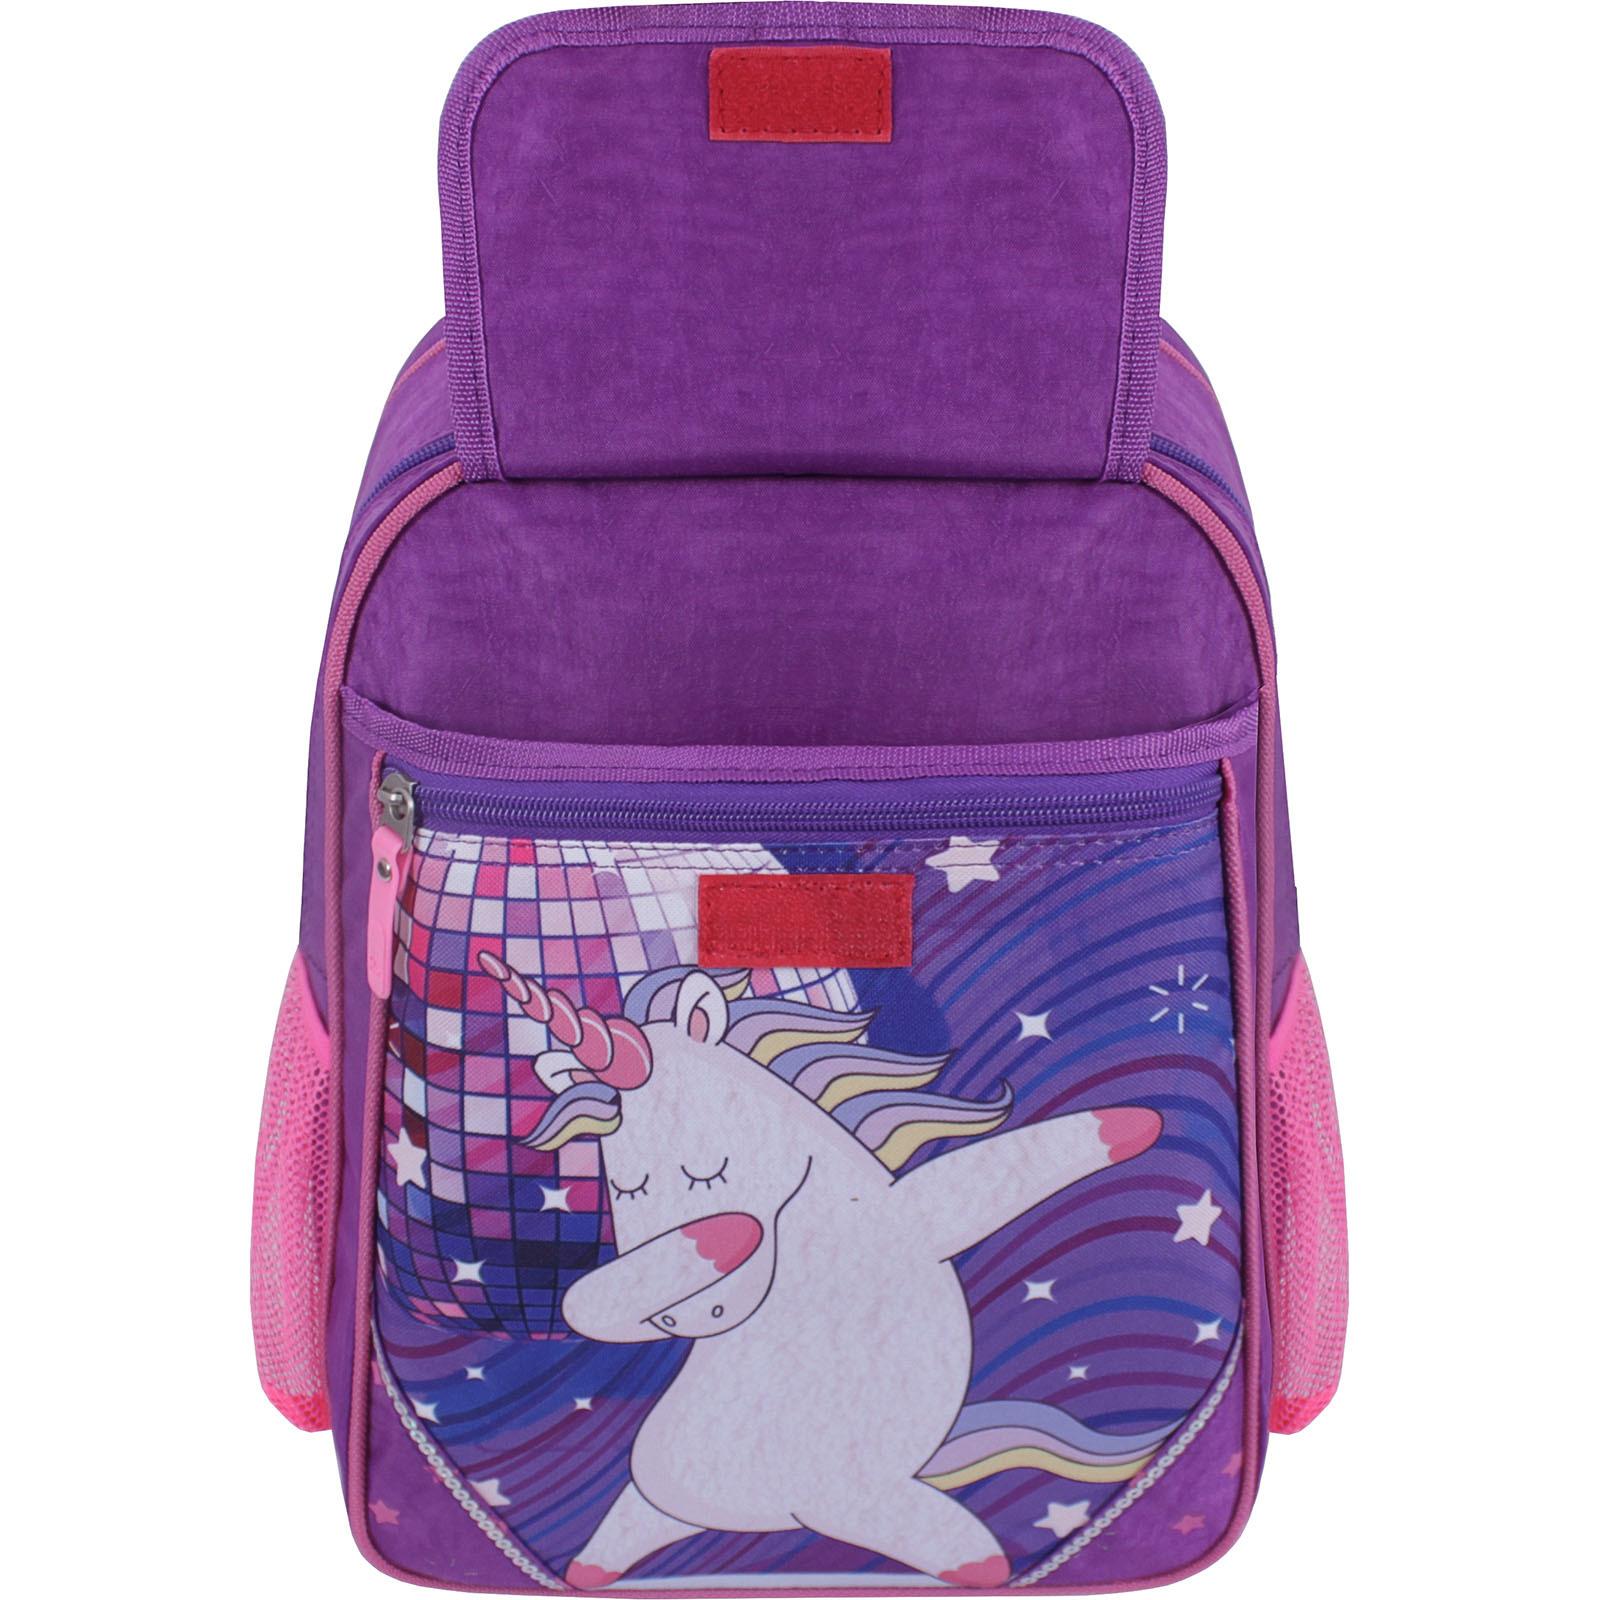 Рюкзак школьный Bagland Отличник 20 л. 339 фиолетовый 503 (0058070) фото 4